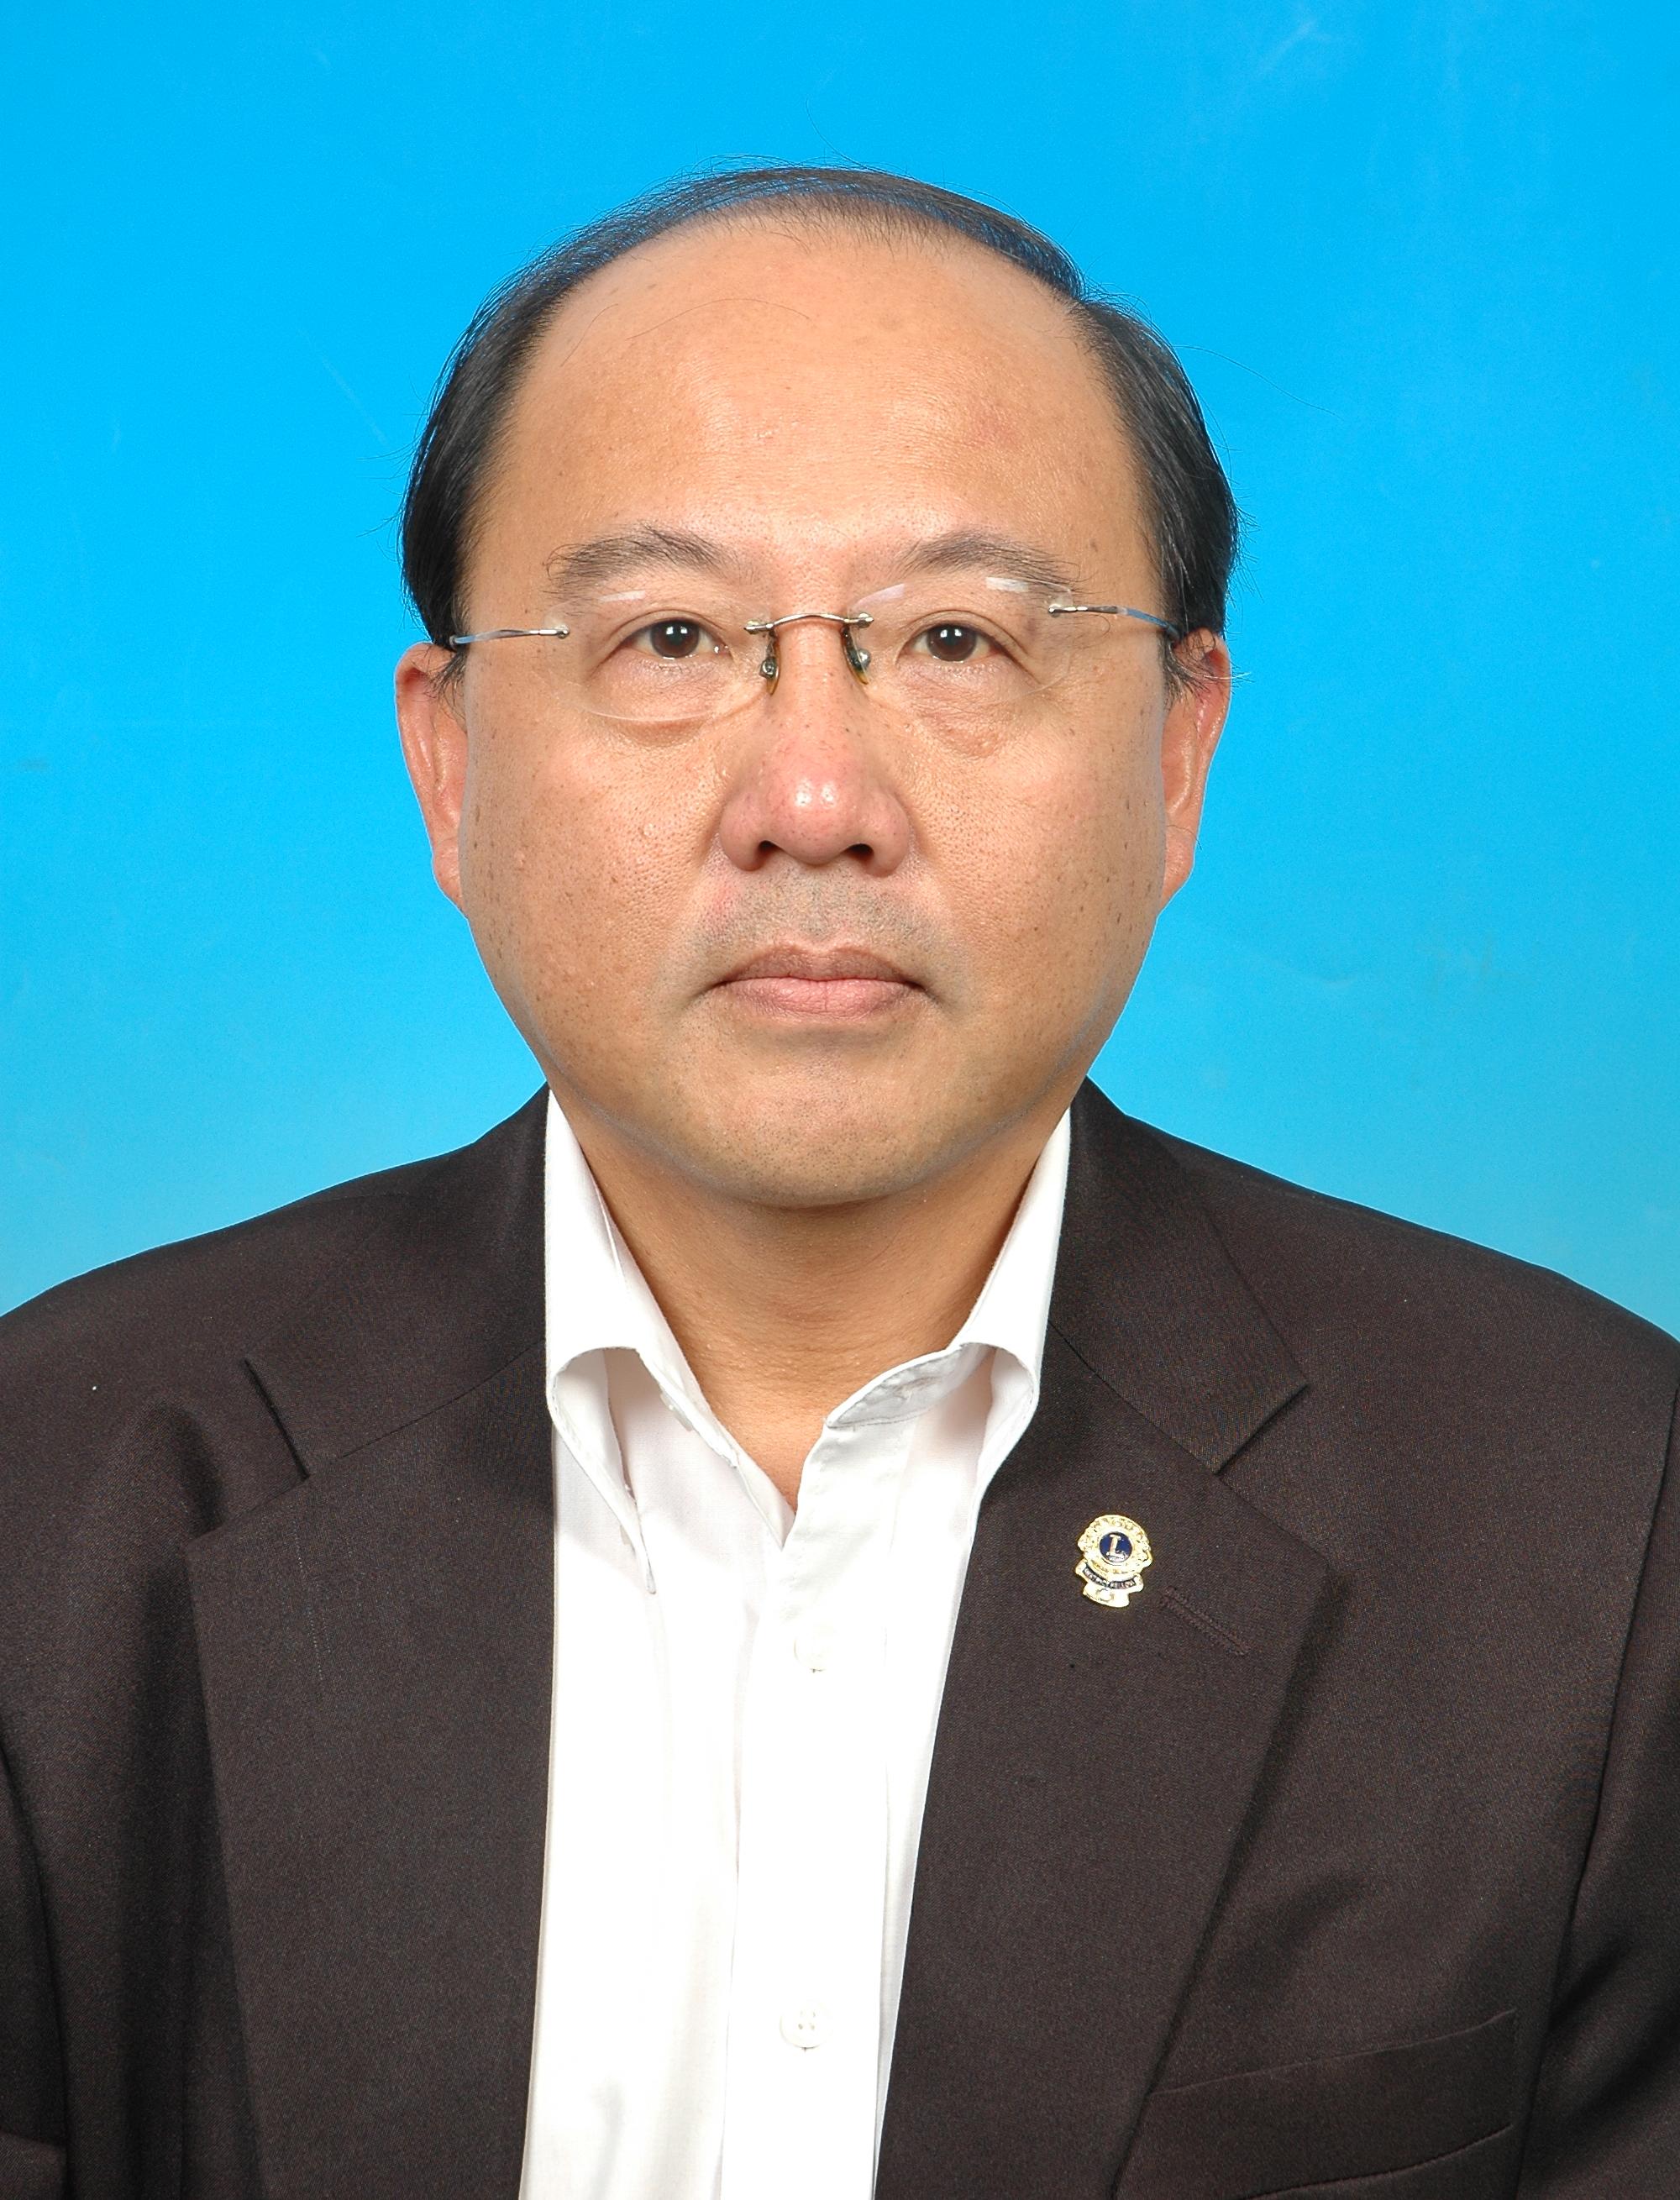 LimMengSheng